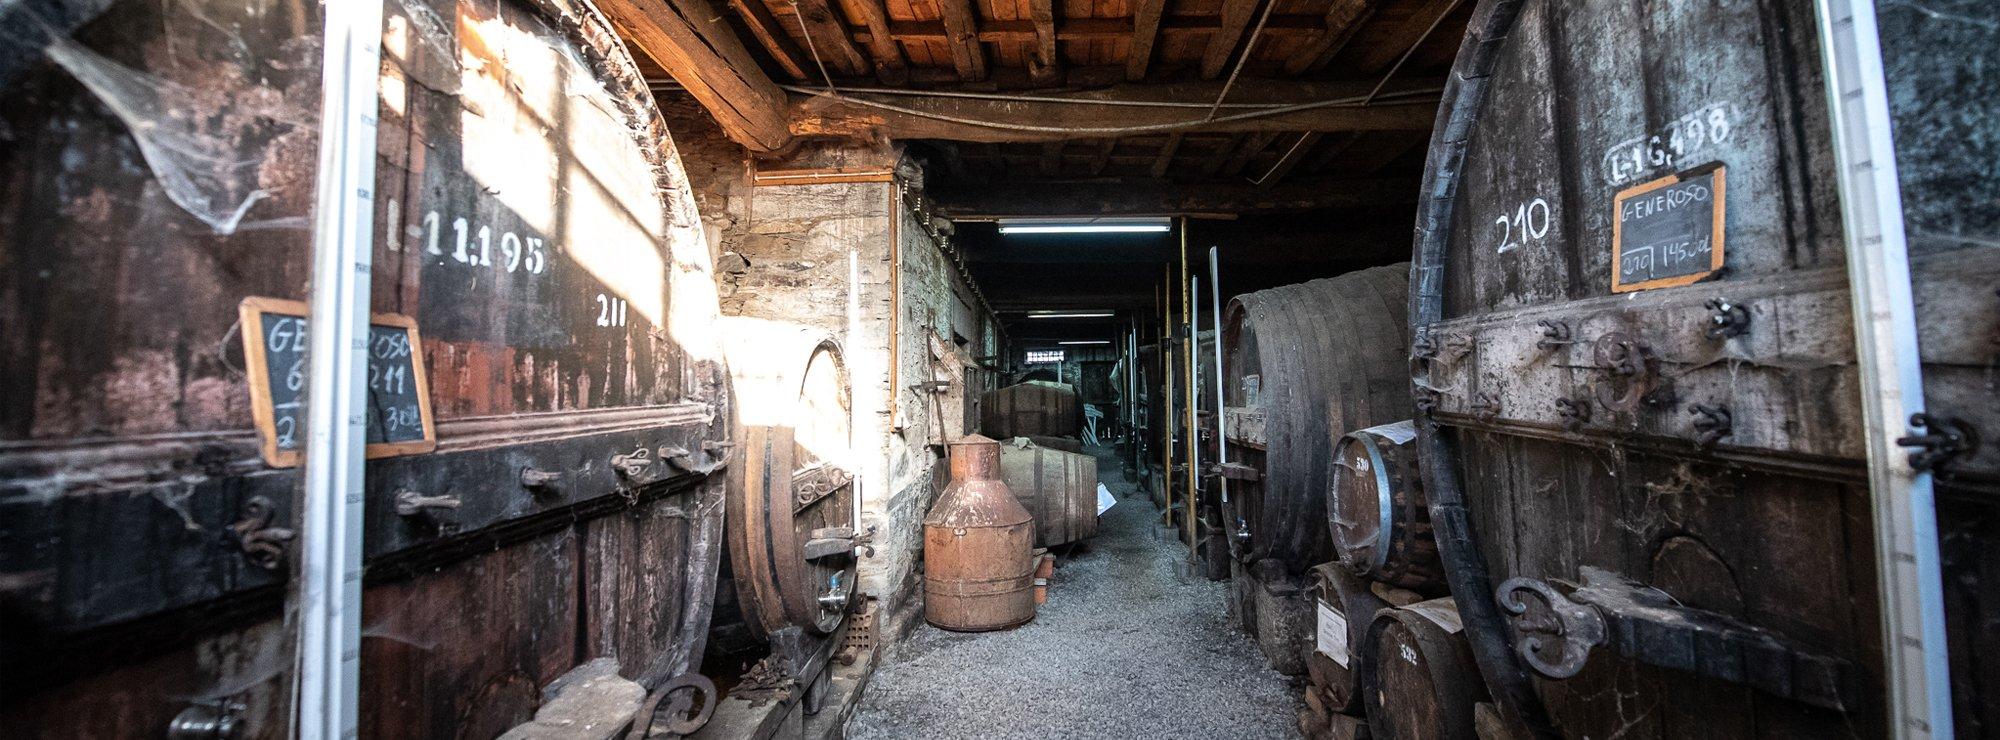 sousa barrels